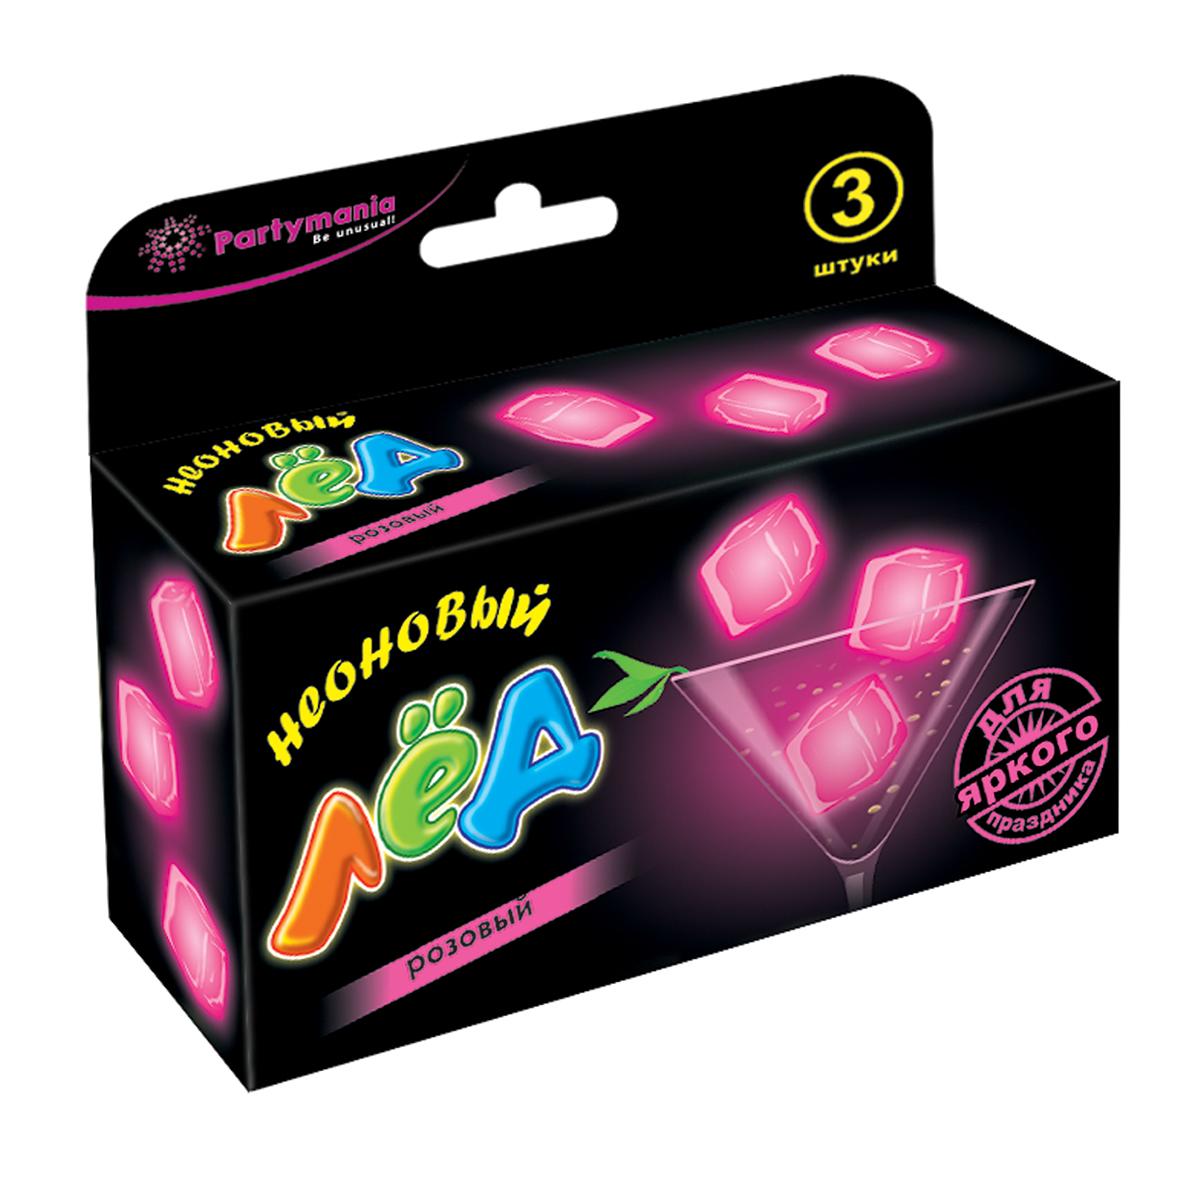 Partymania Изделие для праздников Неоновый ледT0111_розовыйИспользуется для украшения напитков. Придает оригинальный вид любому бокалу, стакану с помощью эффекта интенсивного неонового свечения. Изделие светится в течение 5-6 часов. Для достижения наилучшего цветового эффекта рекомендуется использовать изделие в темноте или при слабом освещении.